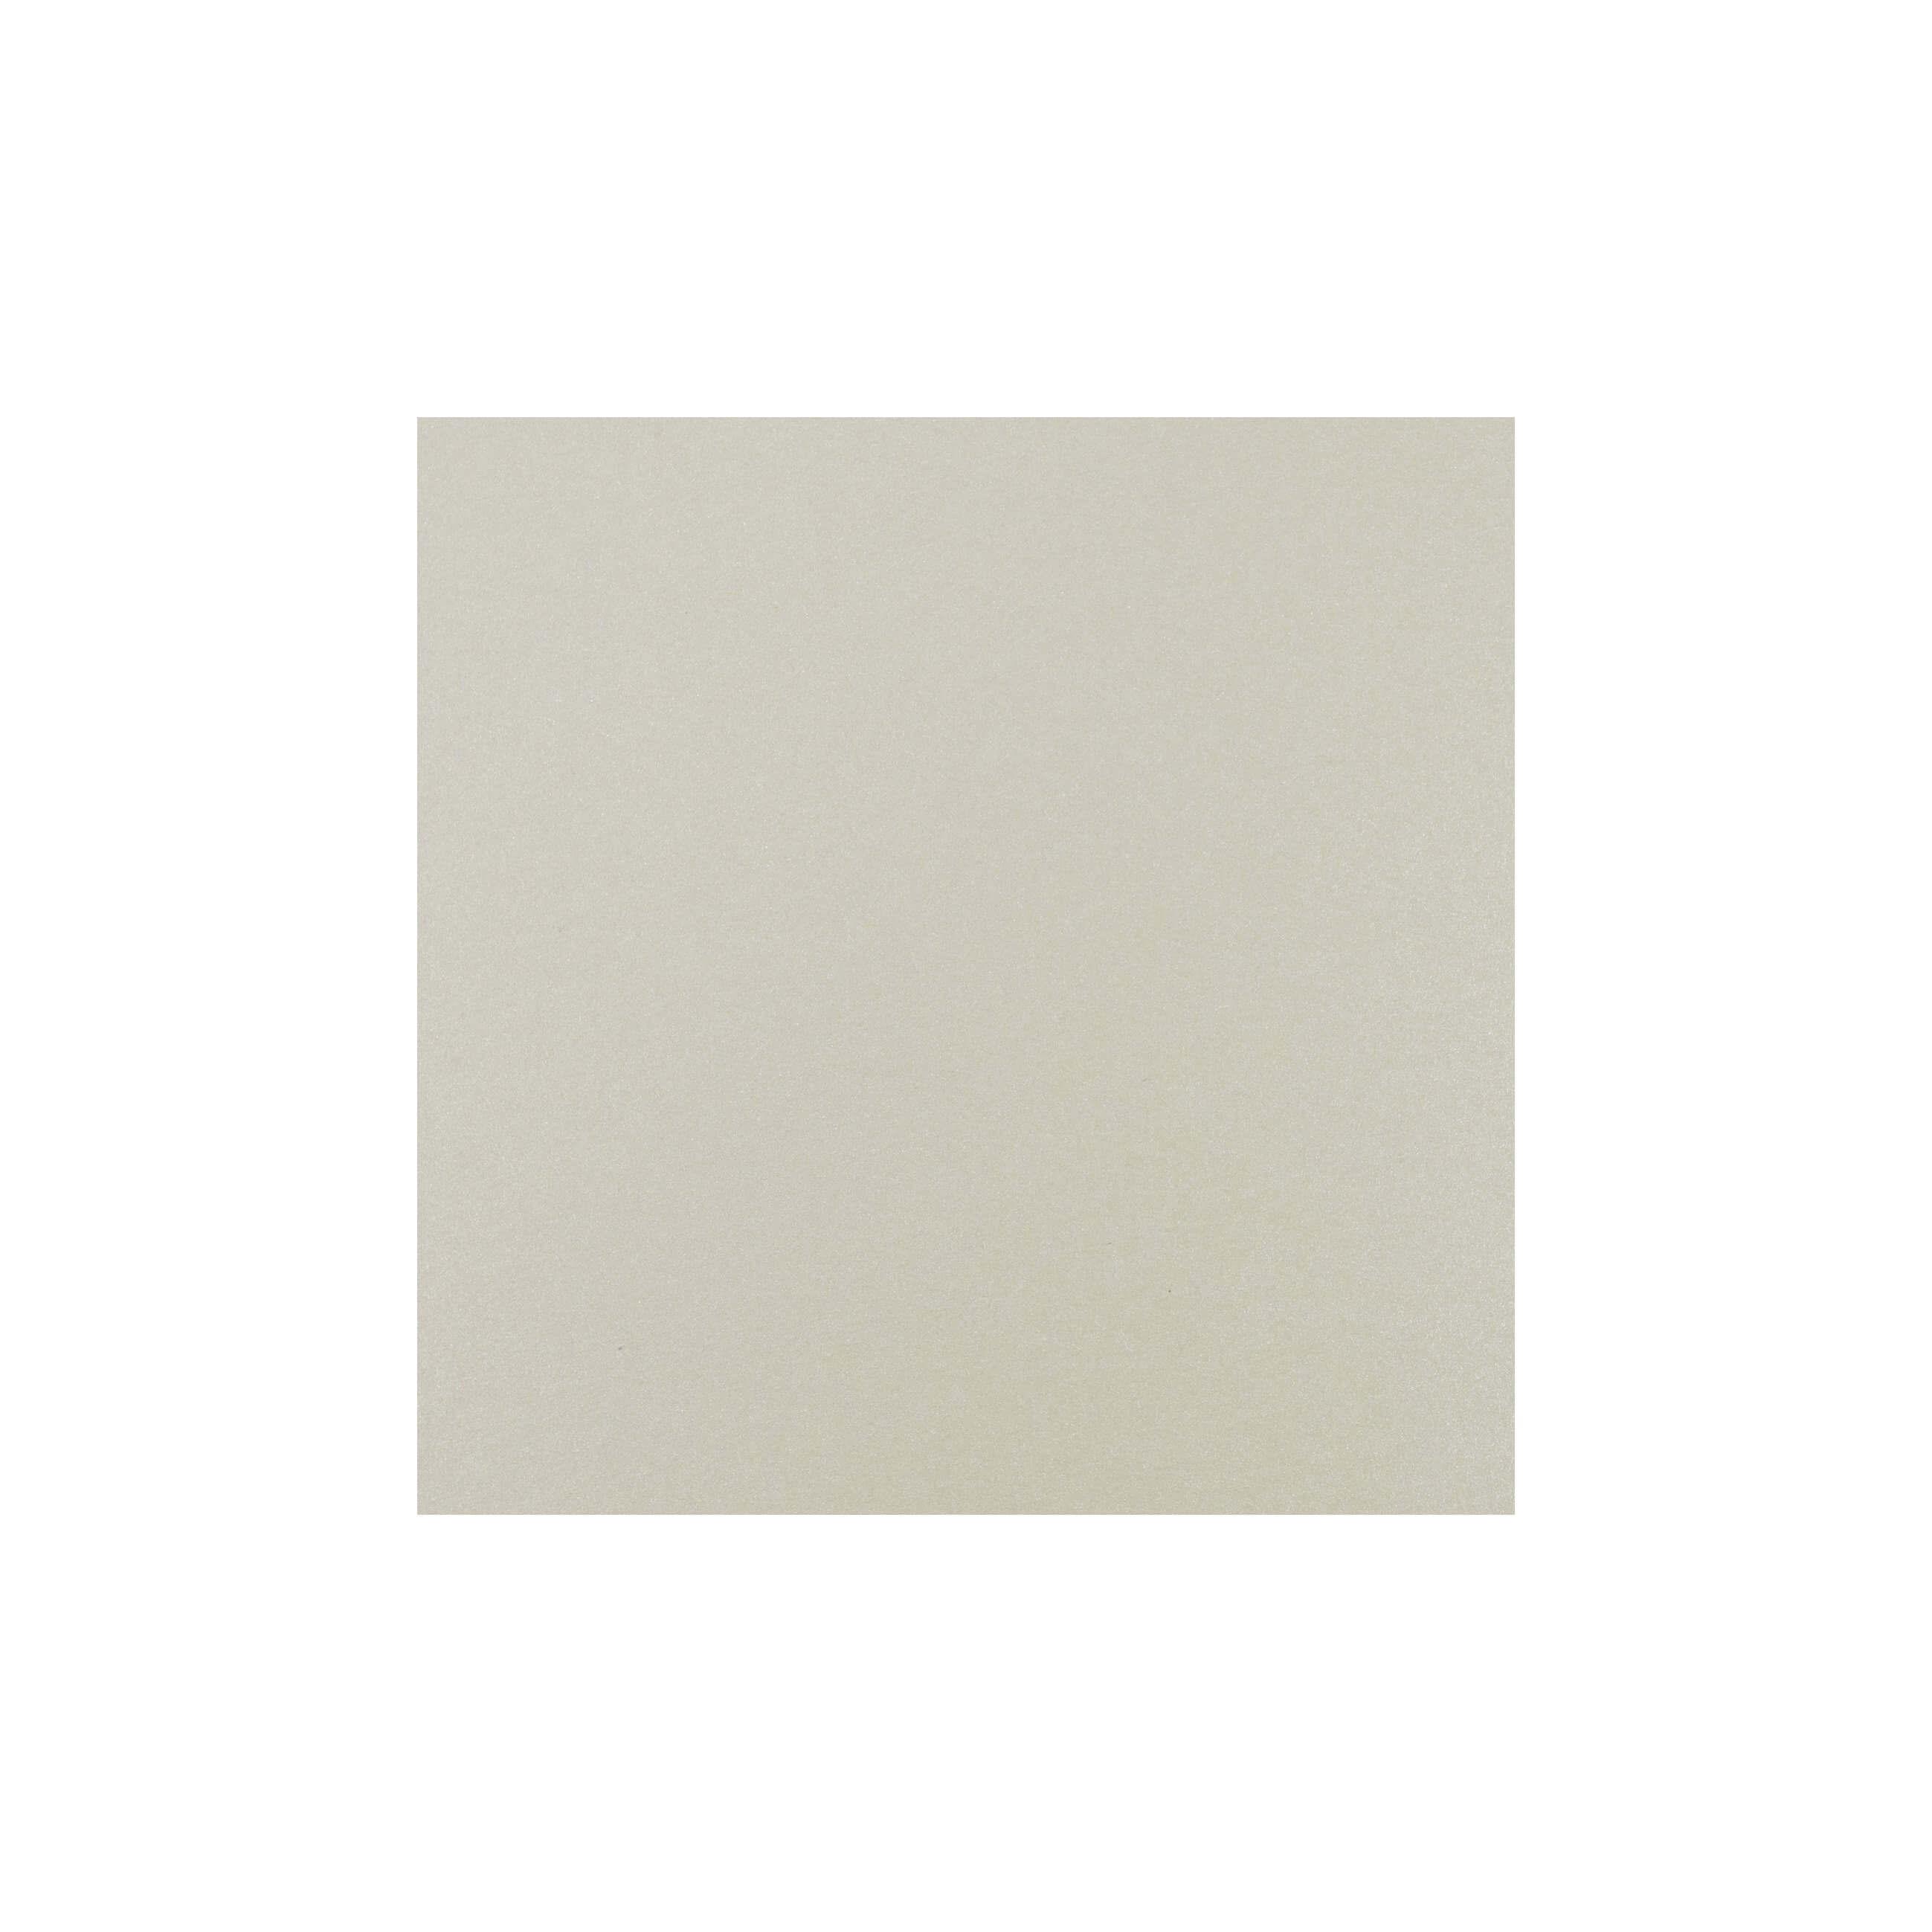 Cardstock 125mm Square - Vintage Ivory